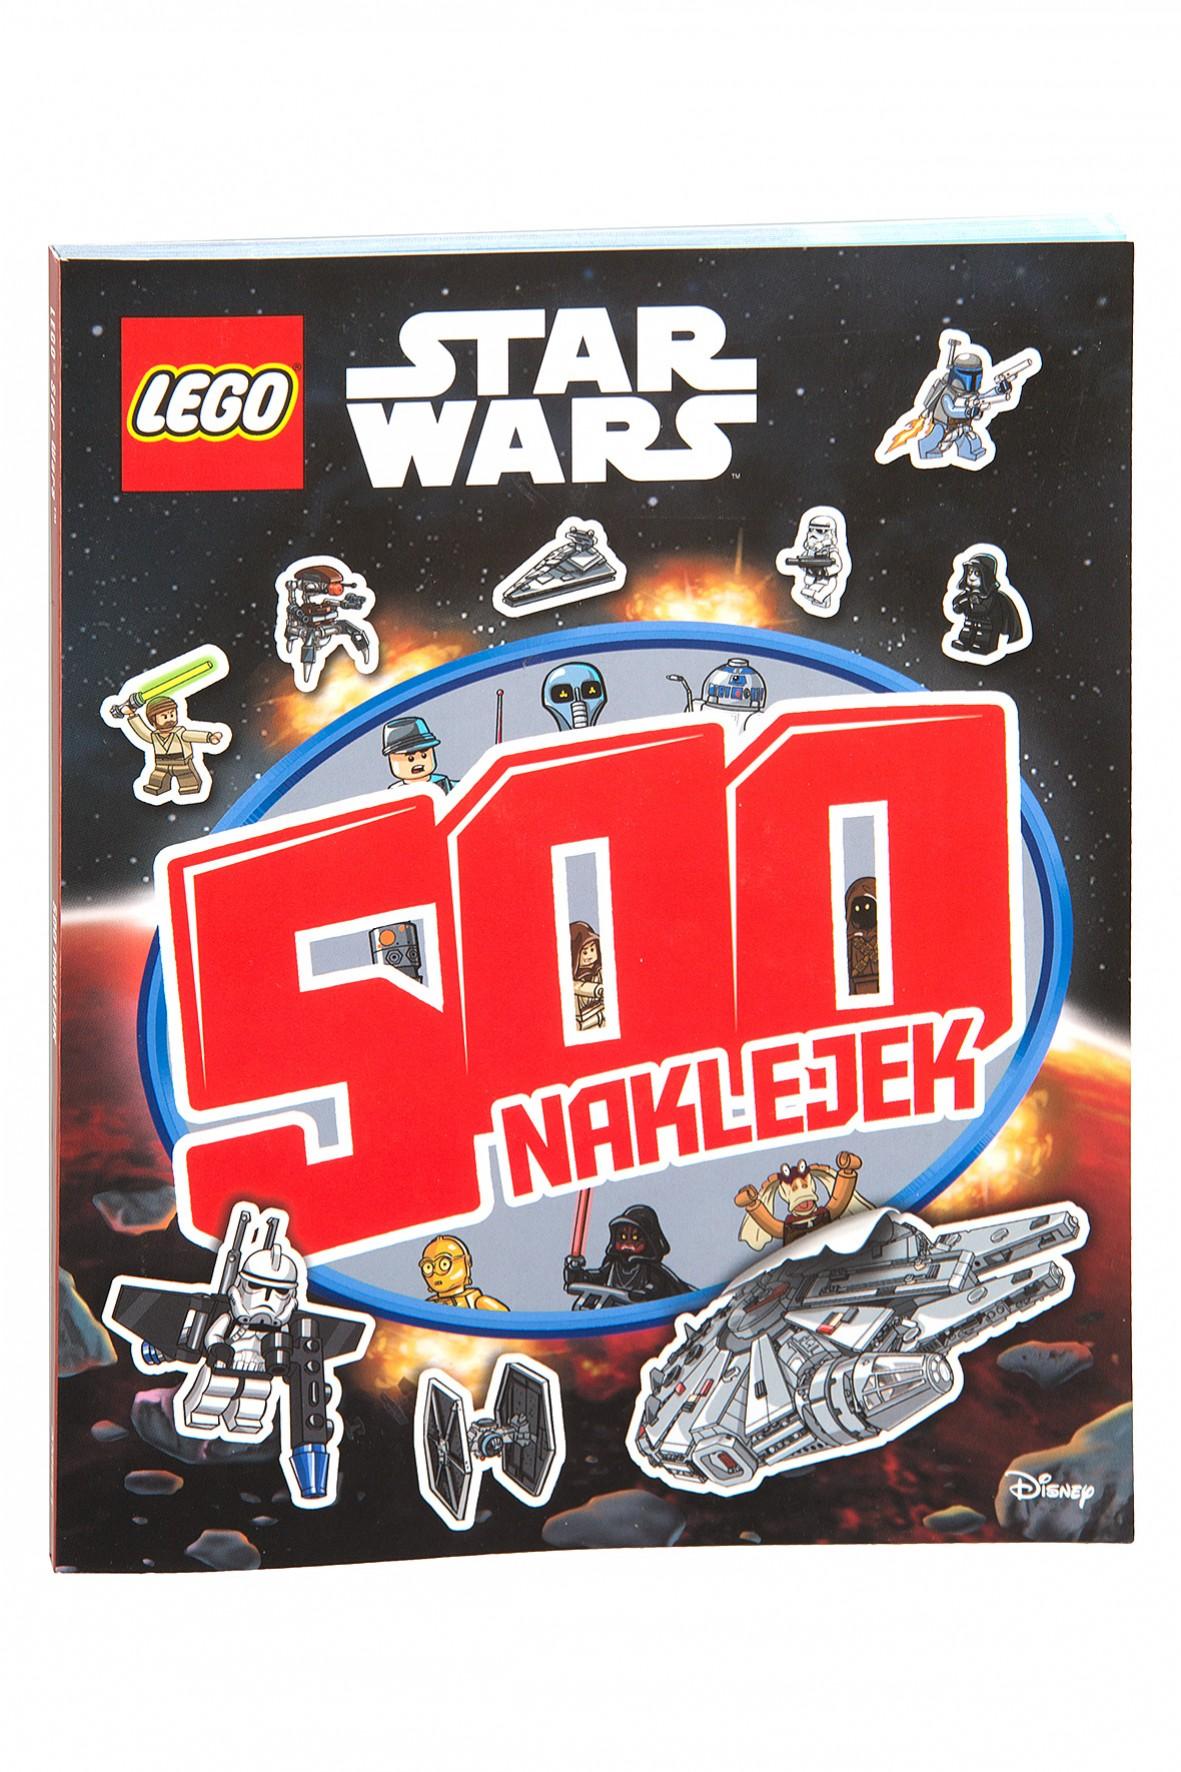 Wyklejanka Lego Star Wars 1Y30D1